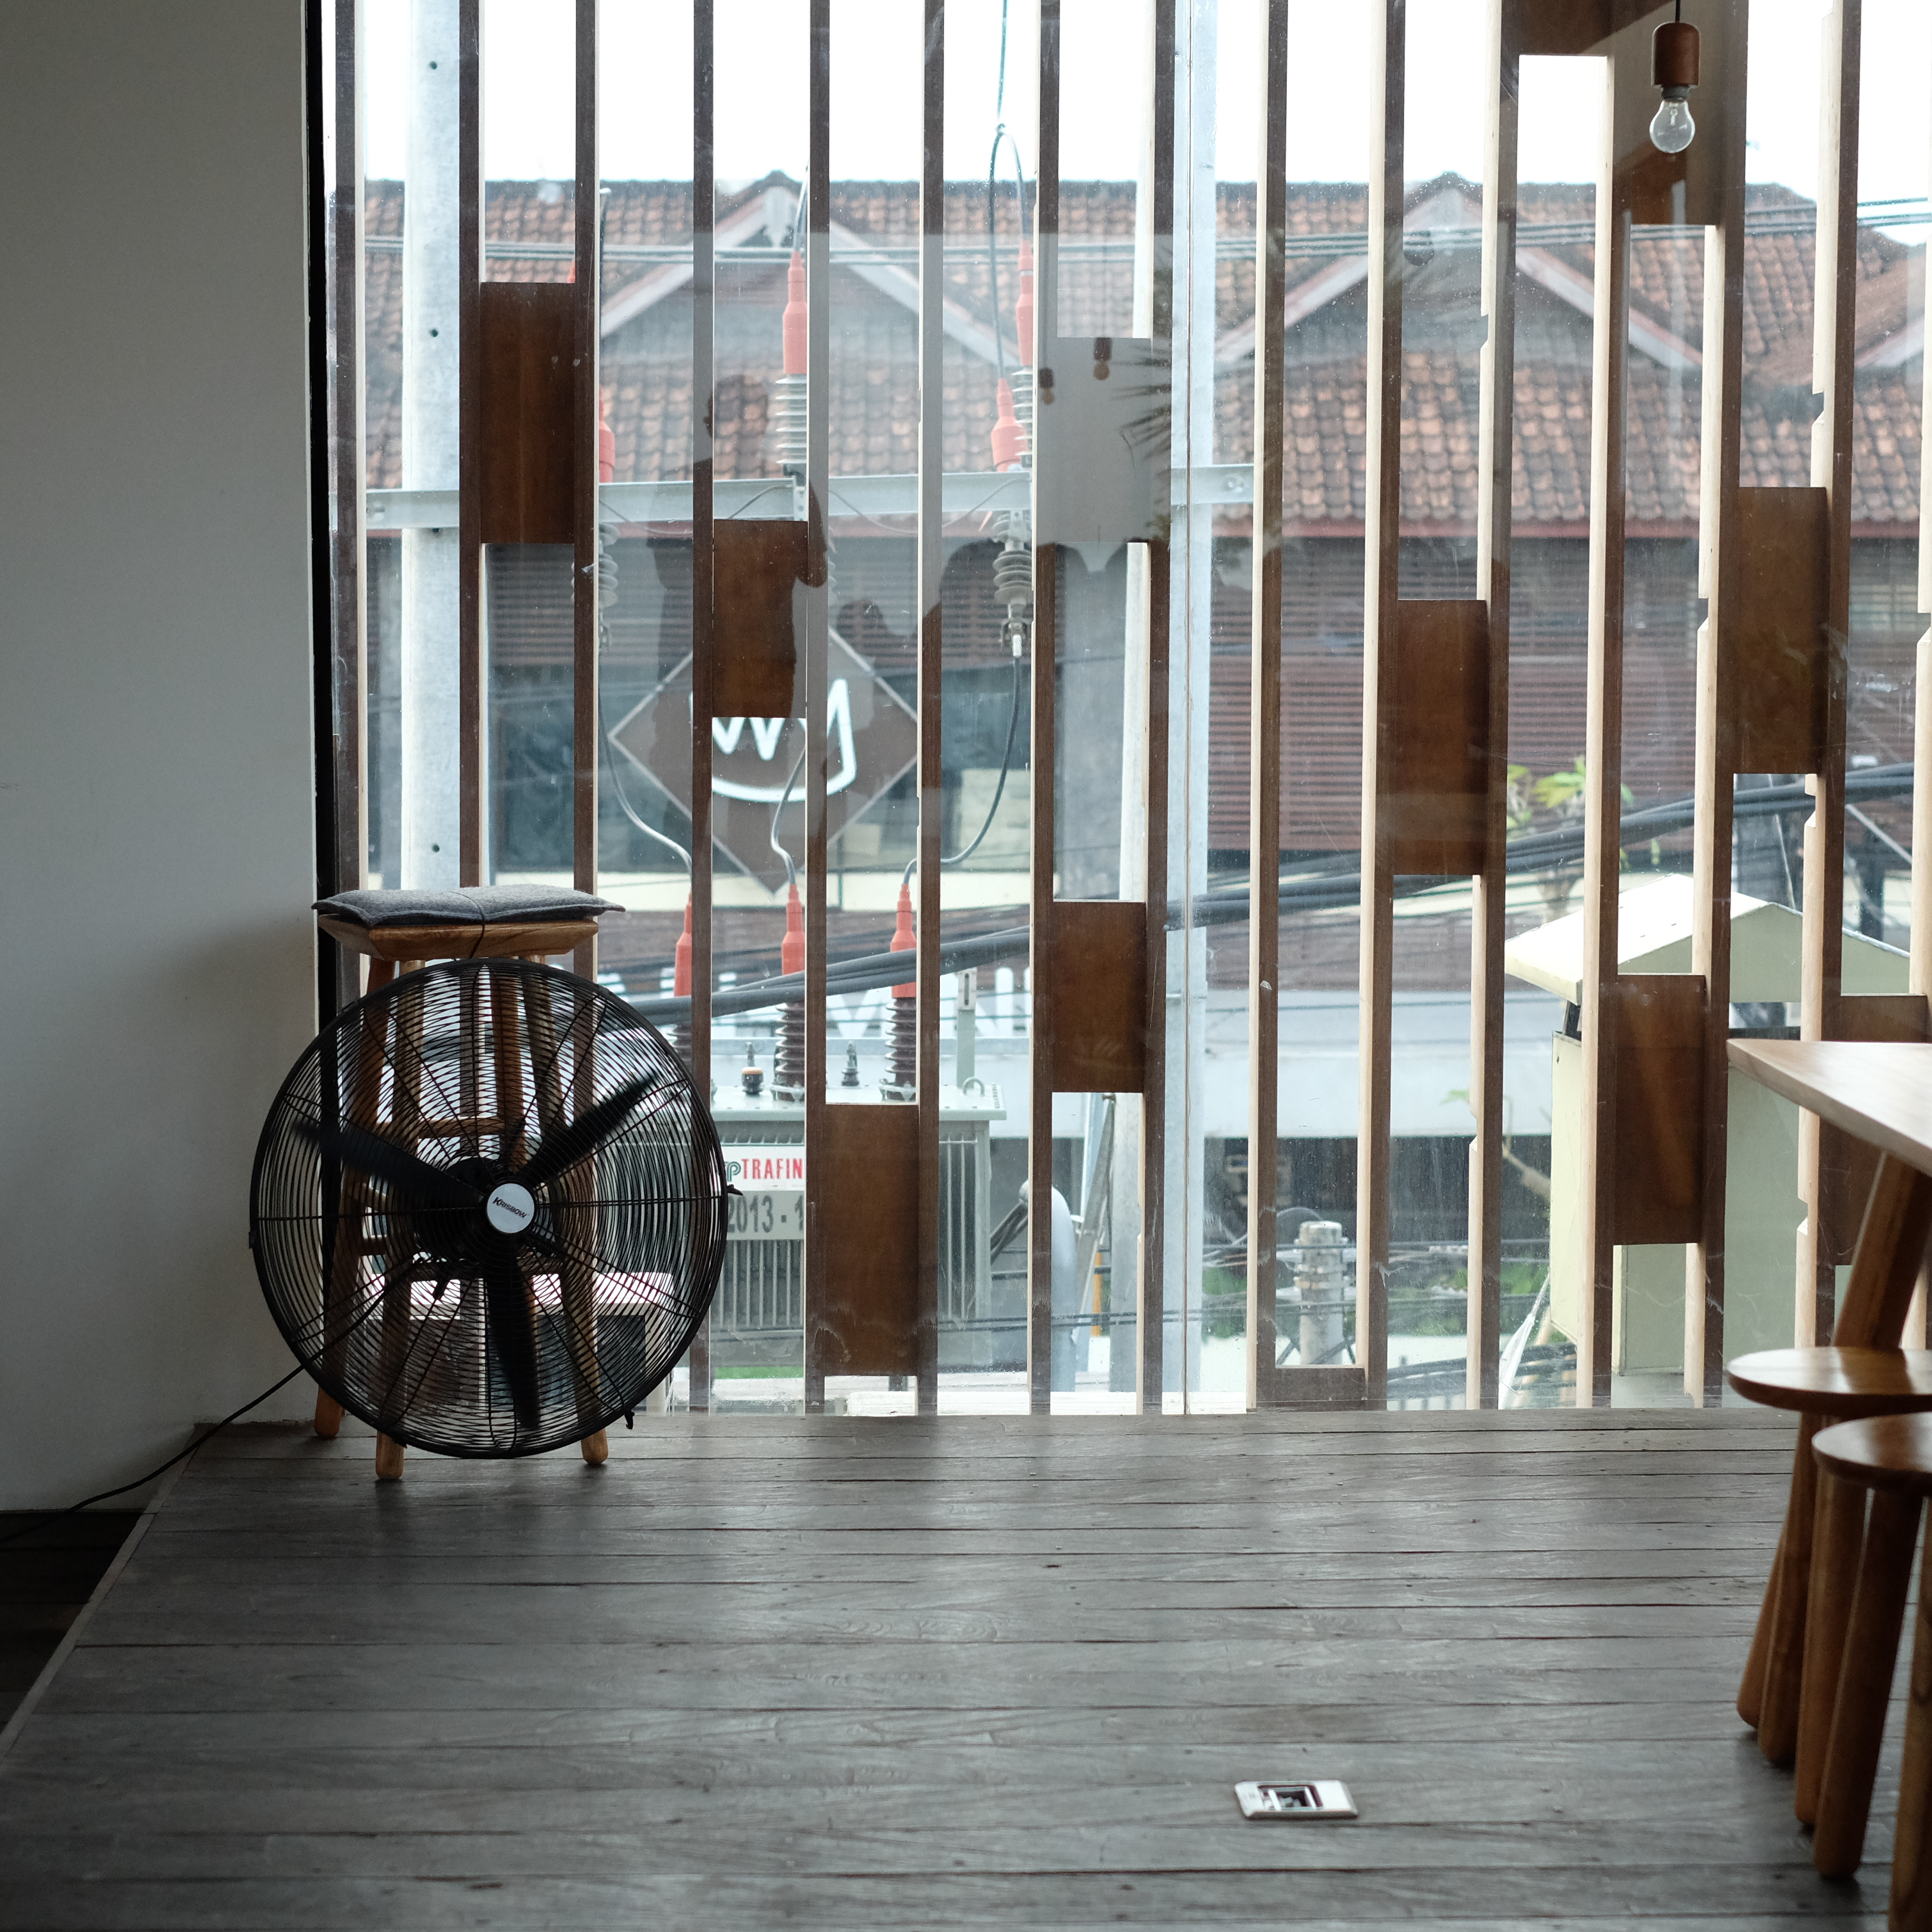 Buro concept store makan sampai kenyang for Buro concept